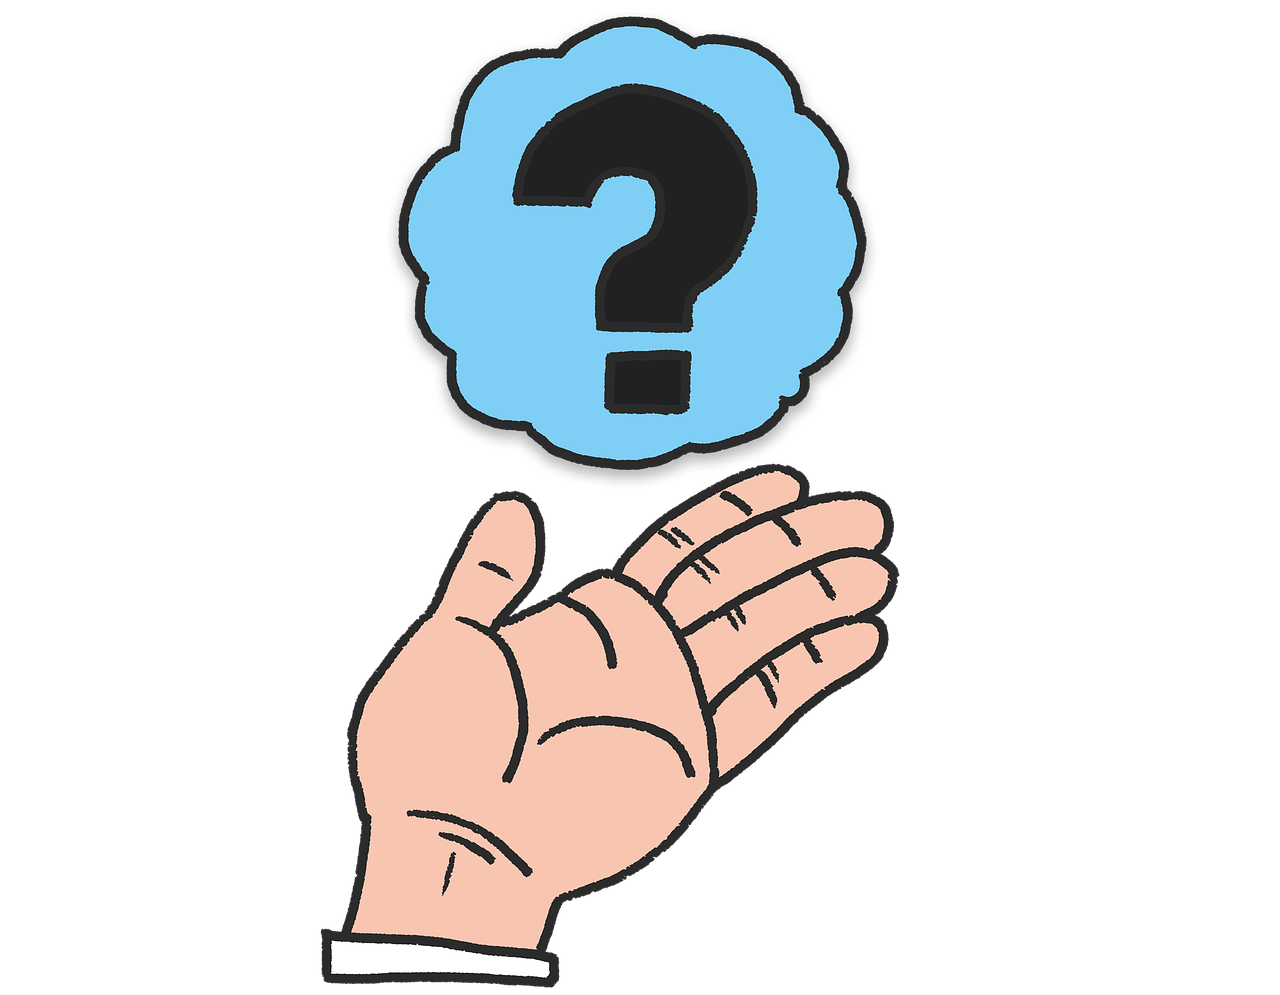 【公認会計士・税理士の開業】自宅事務所か事務所を借りるか